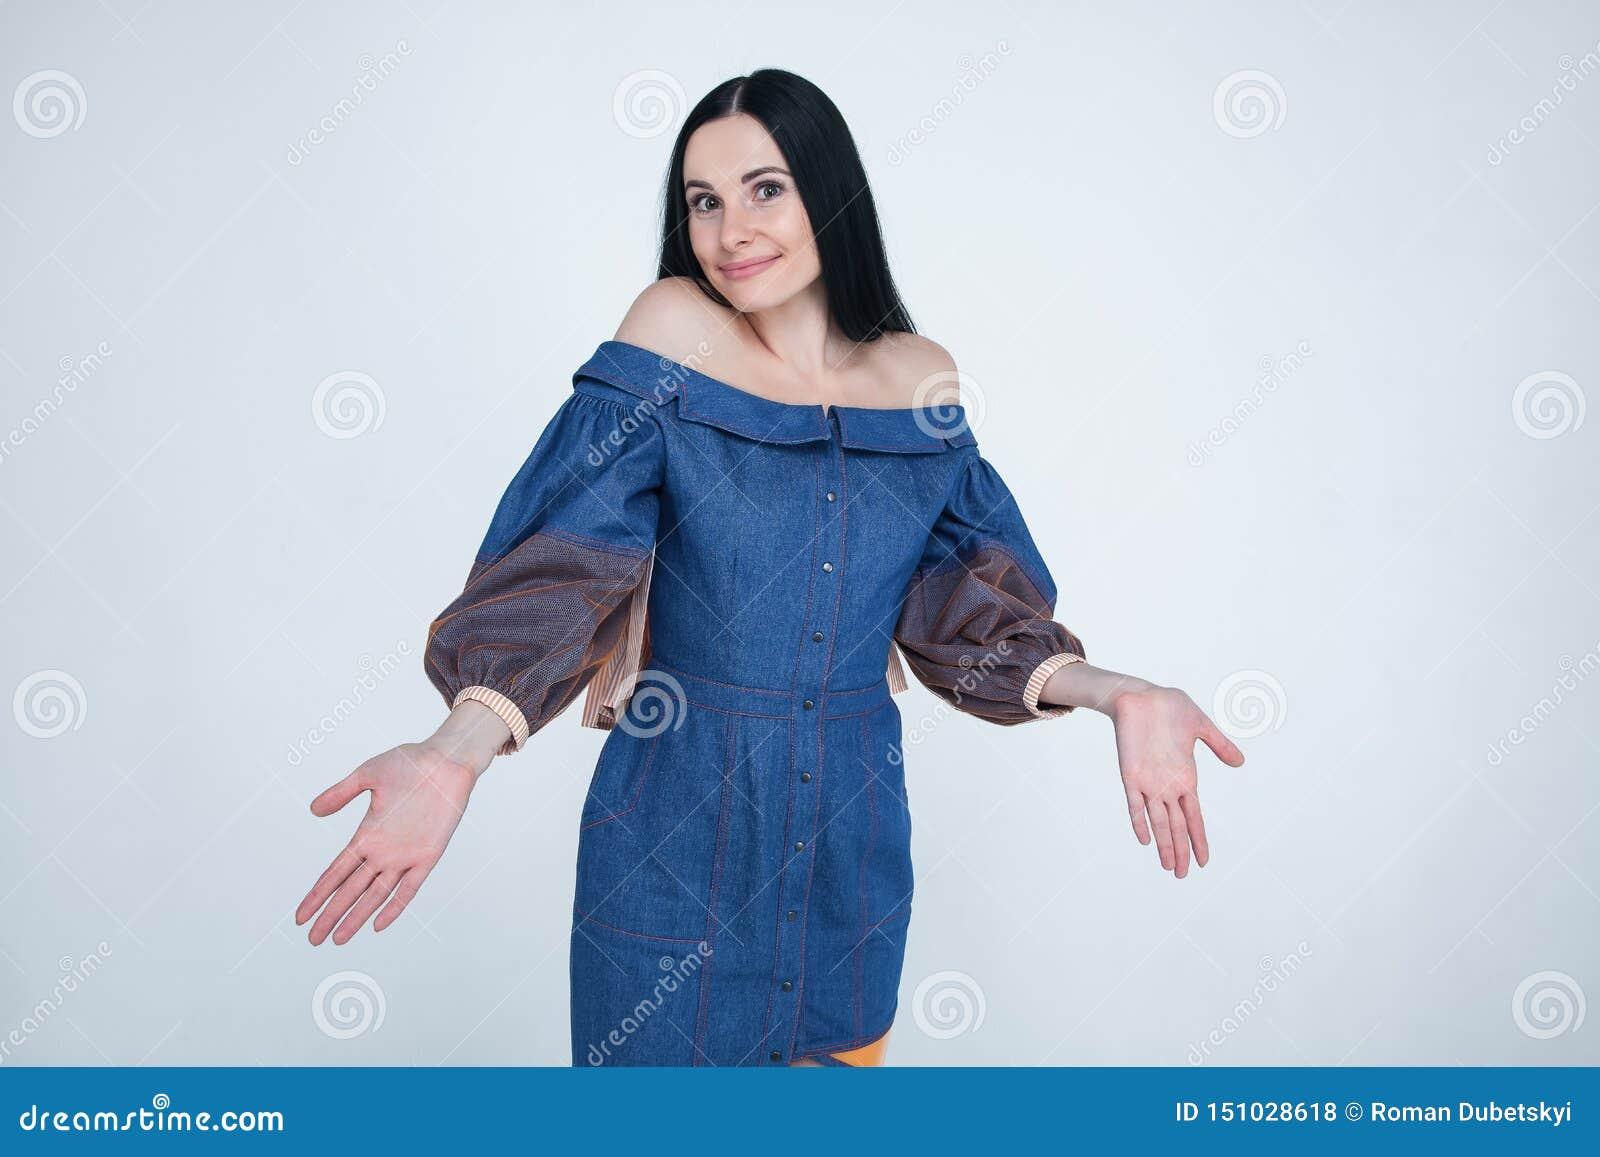 La mujer dudosa inconsciente separa las manos, aumenta las cejas con la vacilación, vestida en equipo elegante, siente desorienta